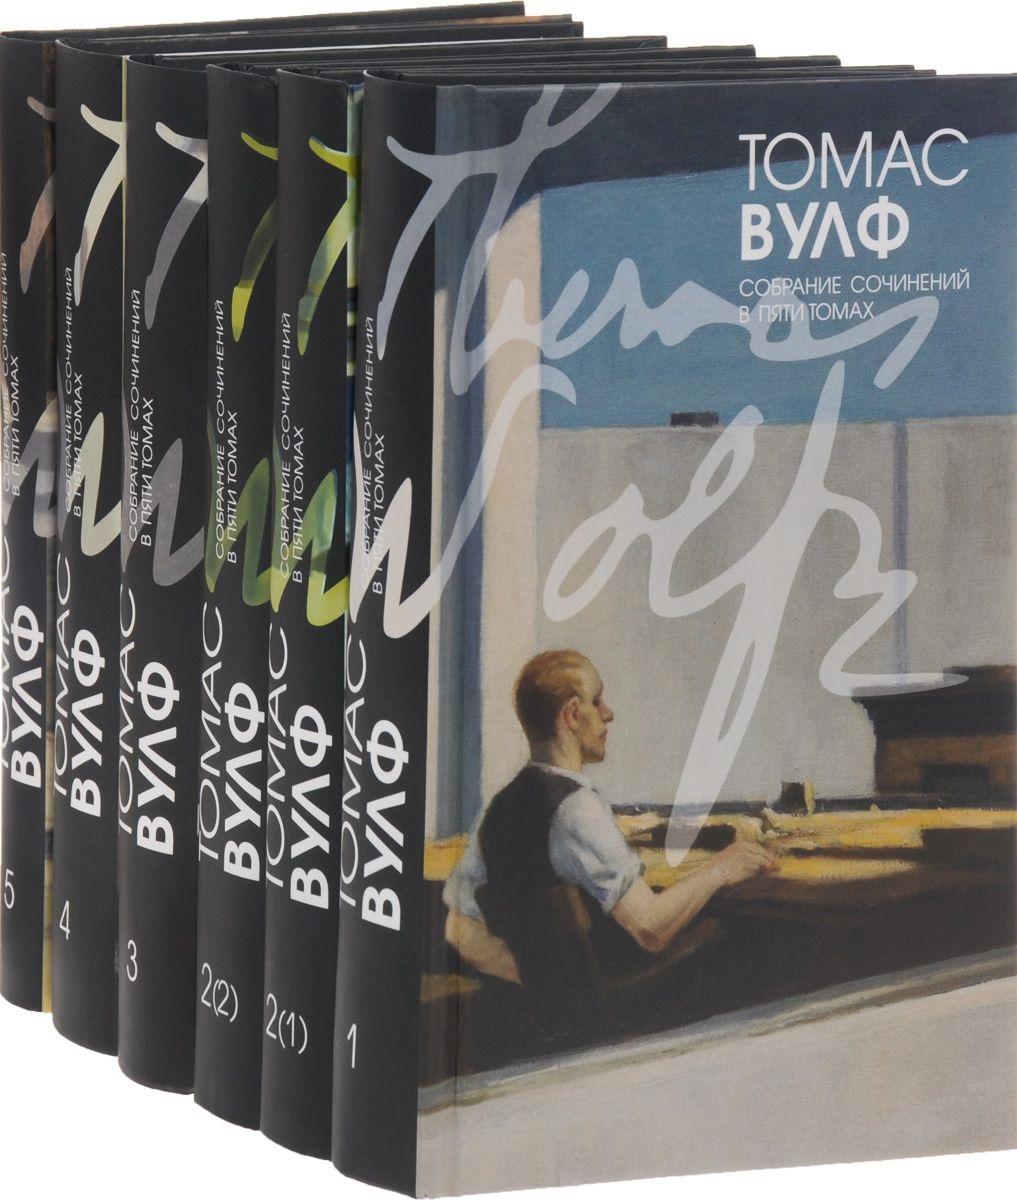 Вулф Т. Томас Вулф. Собрание сочинений в 5 томах (комплект из 6 книг) маяковский в вл маяковский собрание сочинений в пяти томах комплект из 5 книг